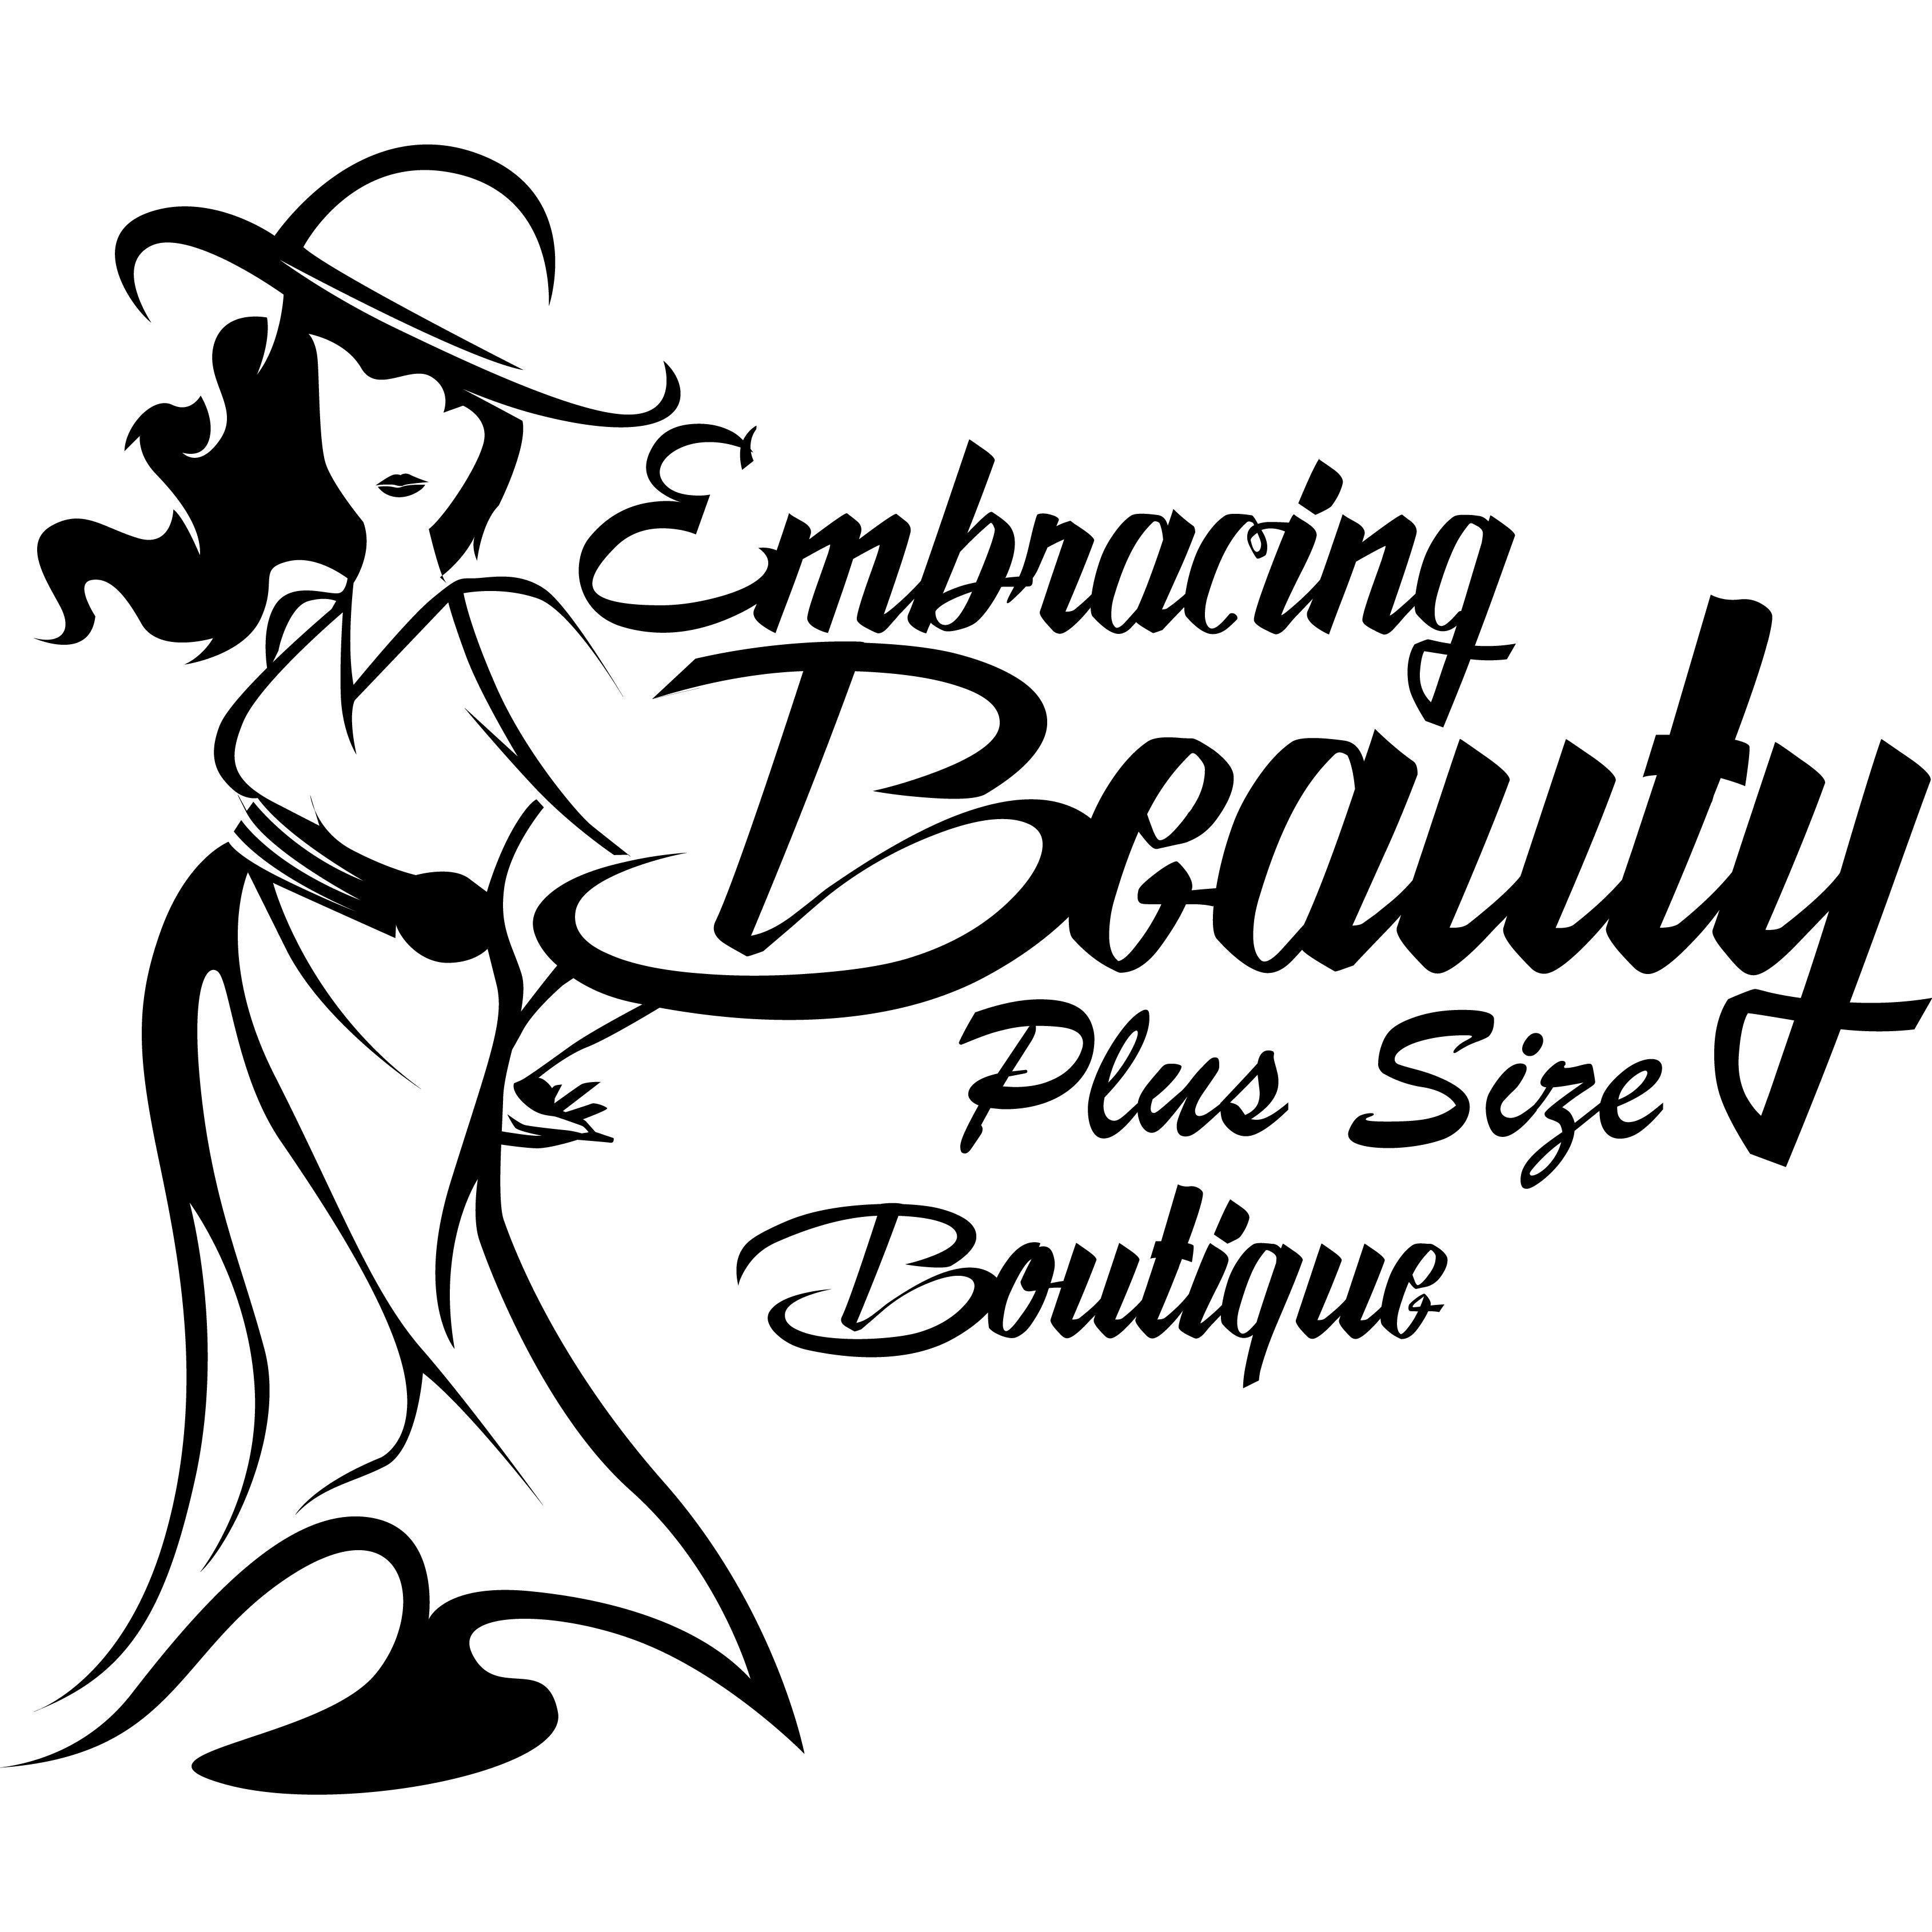 Embracing Beauty Plus Size Boutique